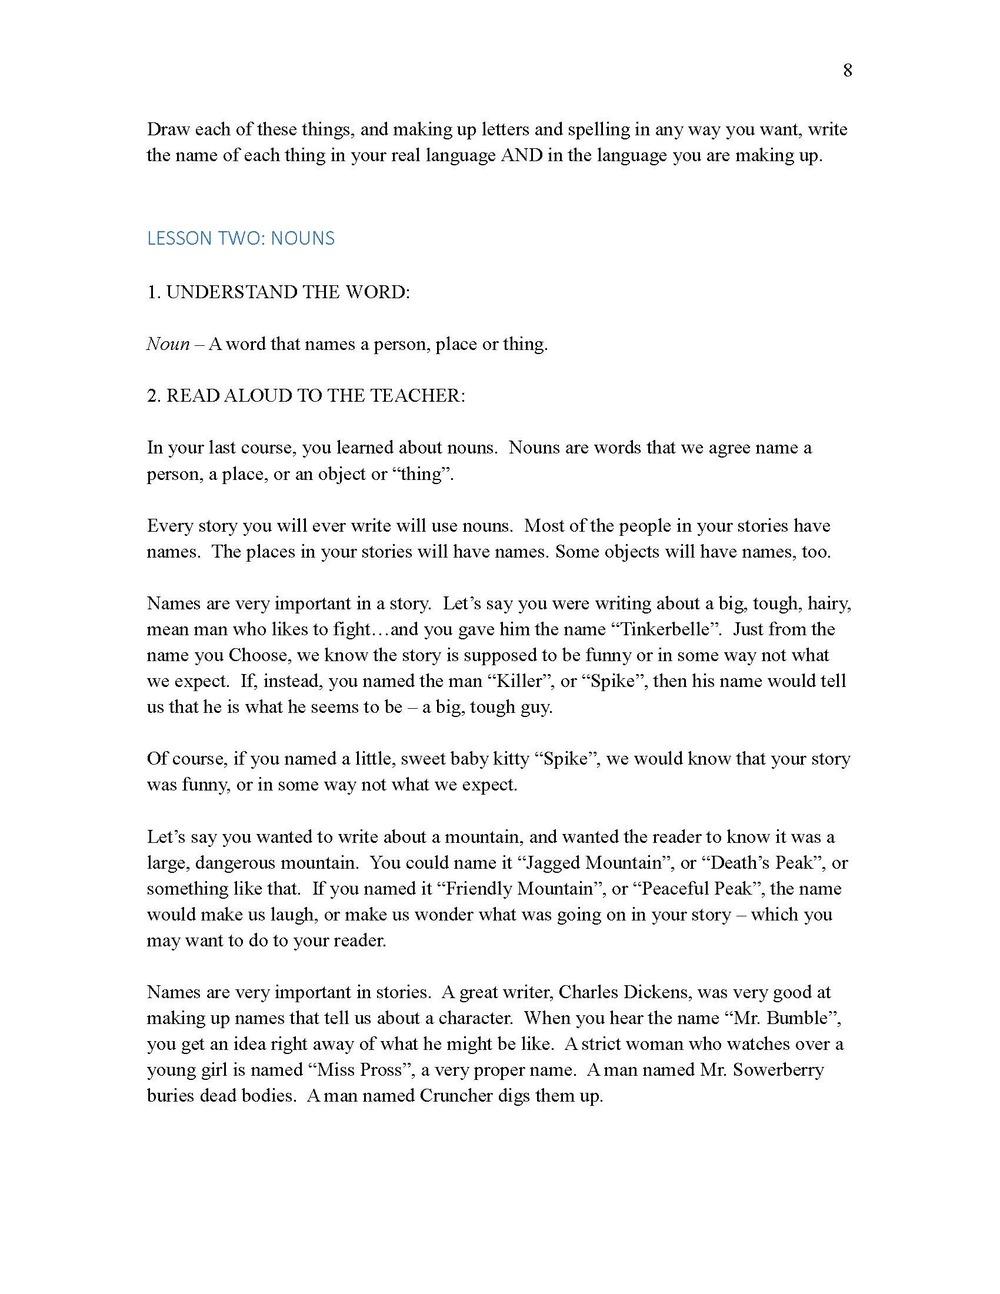 Step 2 Creative Writing 2_Page_09.jpg